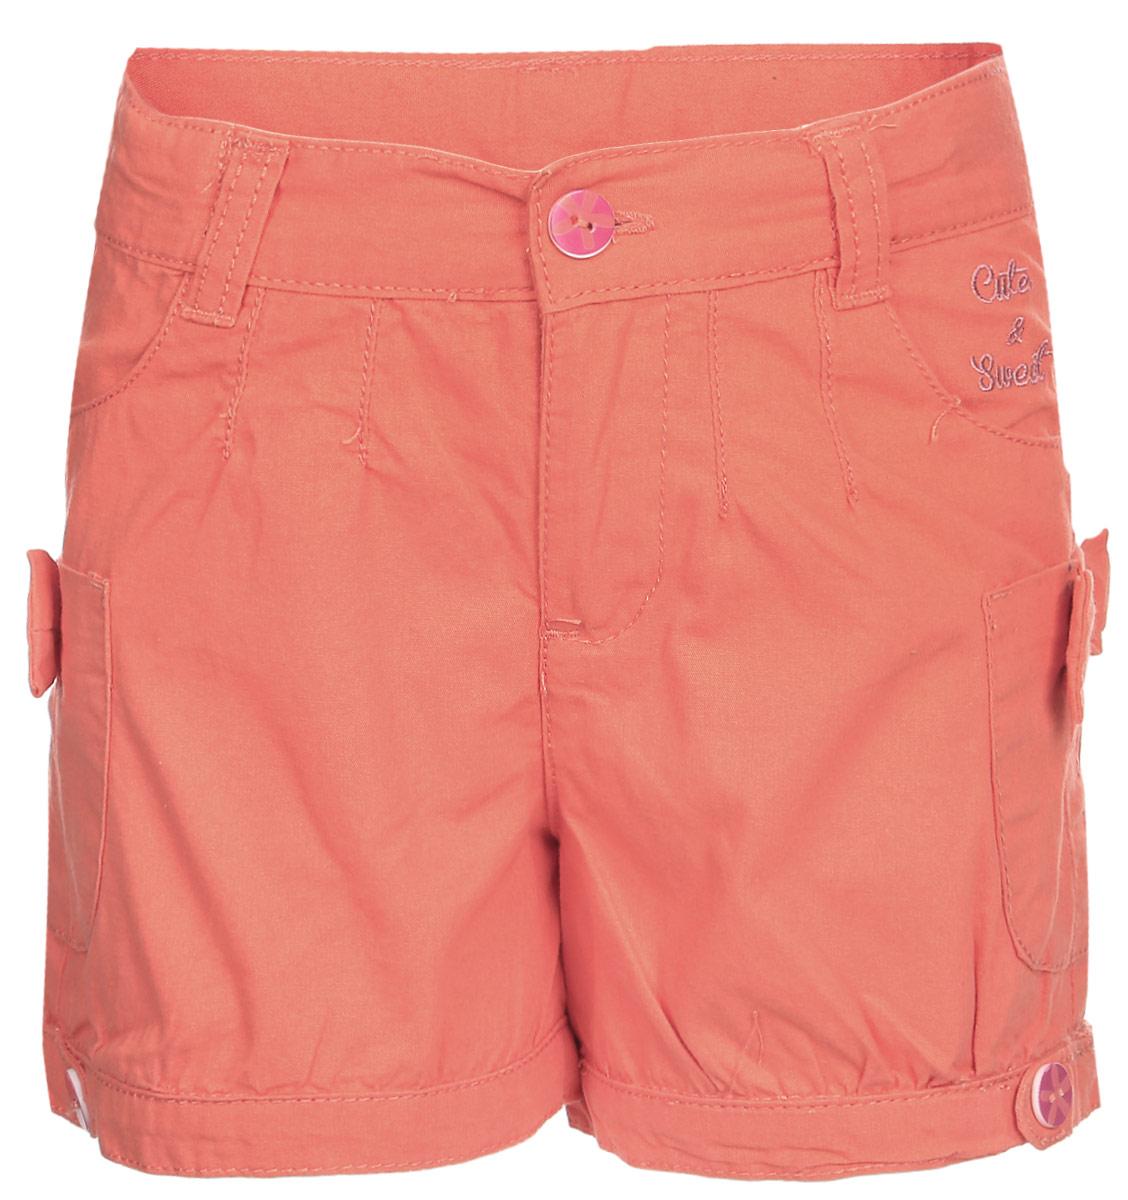 Шорты для девочки Cherubino, цвет: розовый. CK 7T019. Размер 98CK 7T019Шорты для девочки Cherubino из хлопкового текстиля, с карманами. Декорированы пуговицами, вышивкой и бантиками.